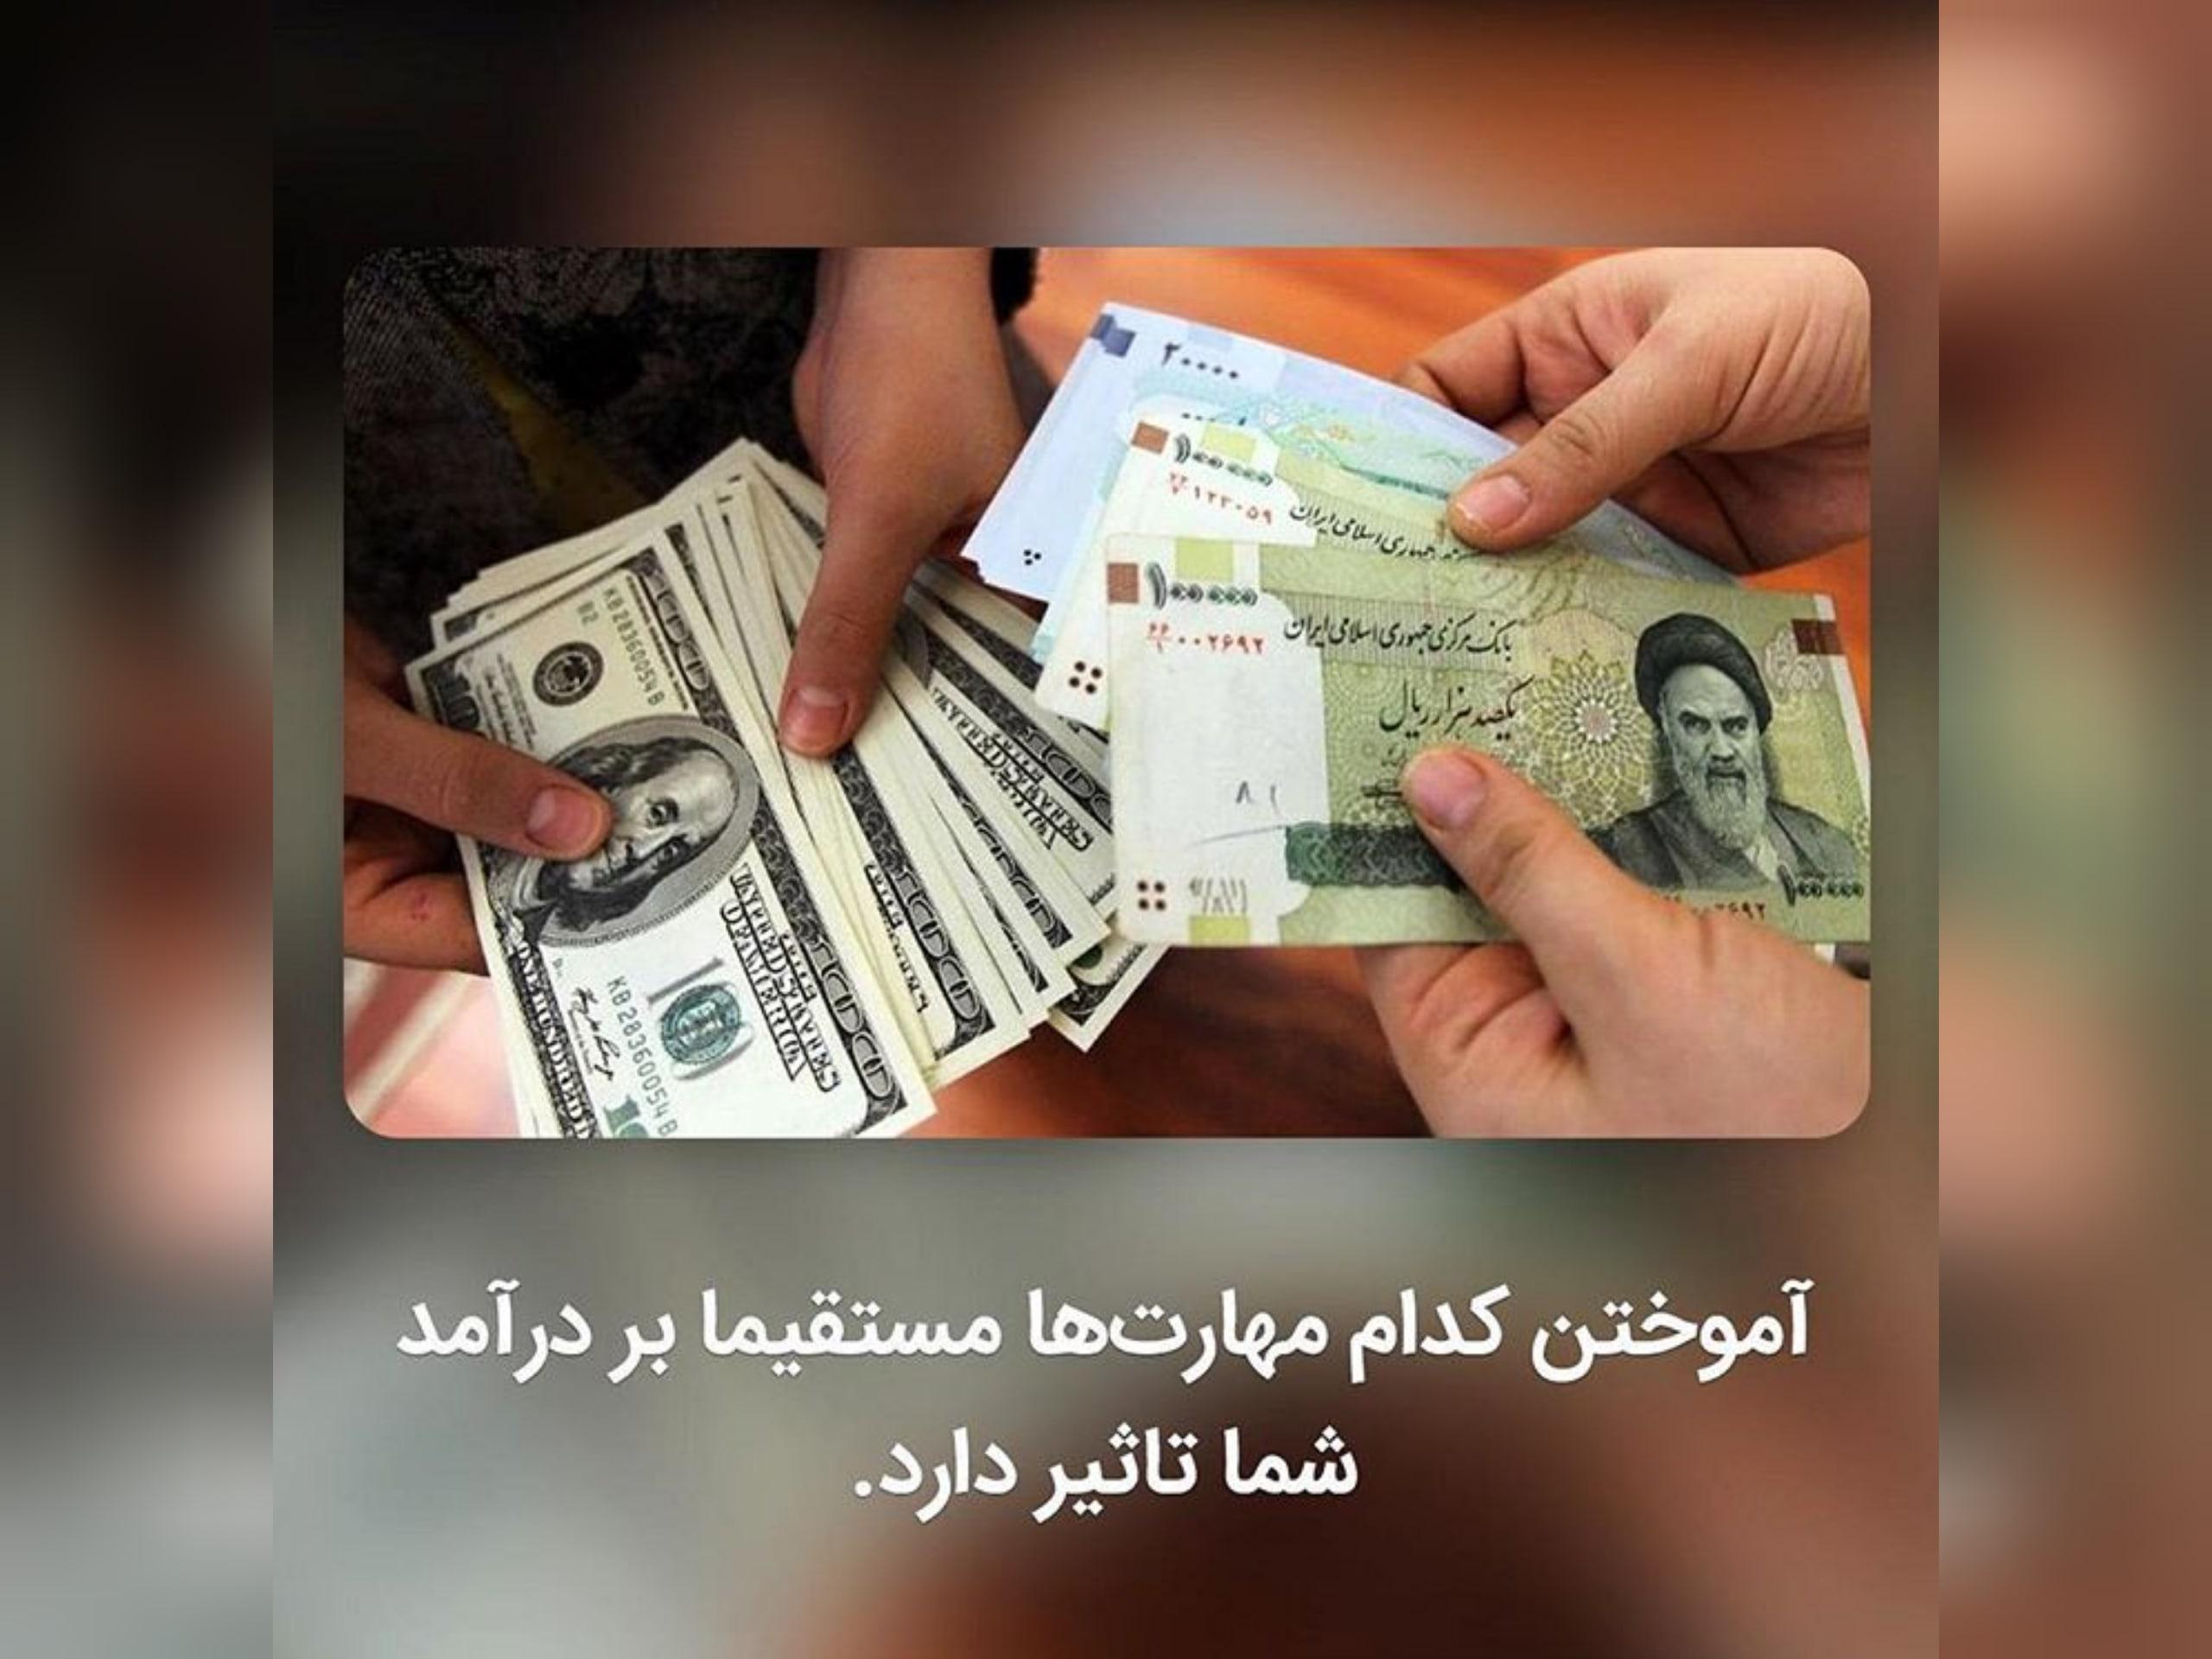 افزایش درآمدزایی